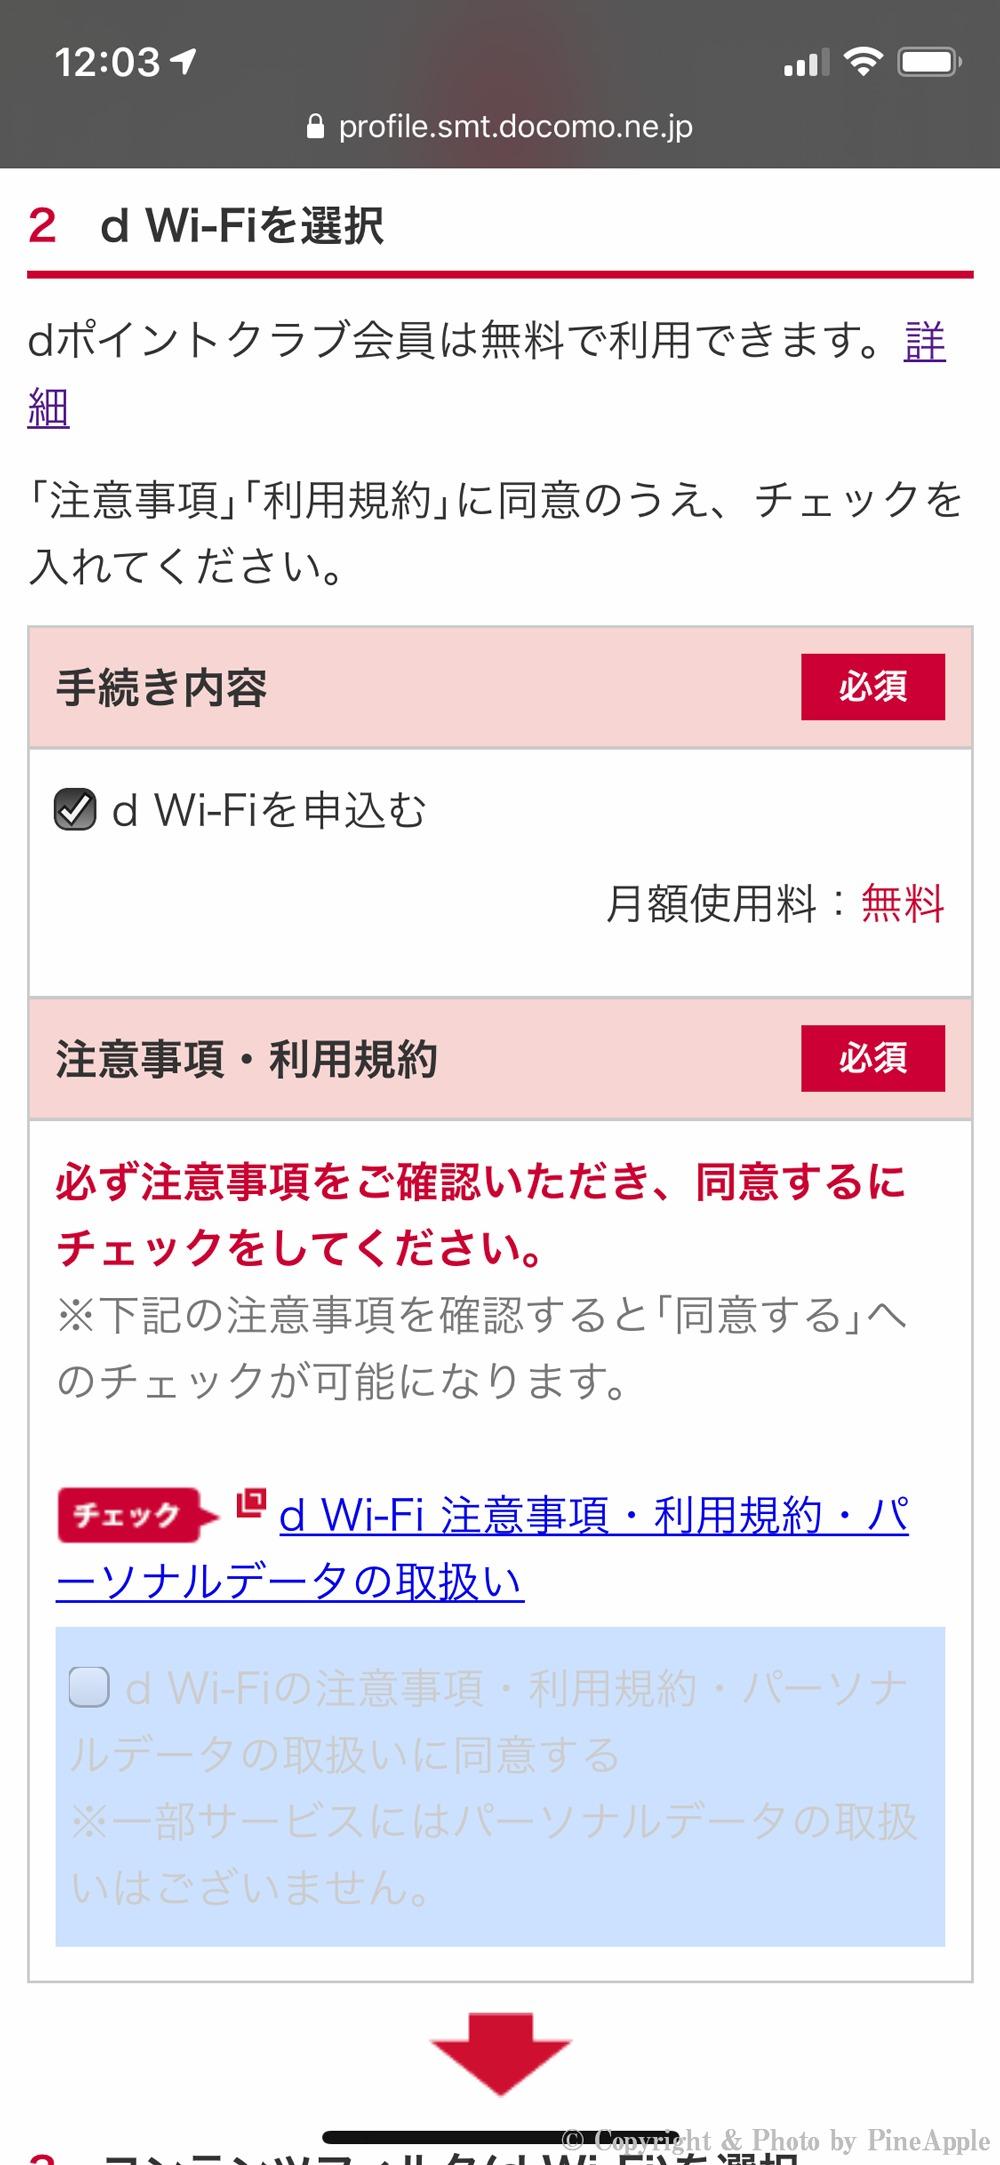 d Wi-Fi:「d Wi-Fi 注意事項・利用規約・パーソナルデータの取扱い」をタップ